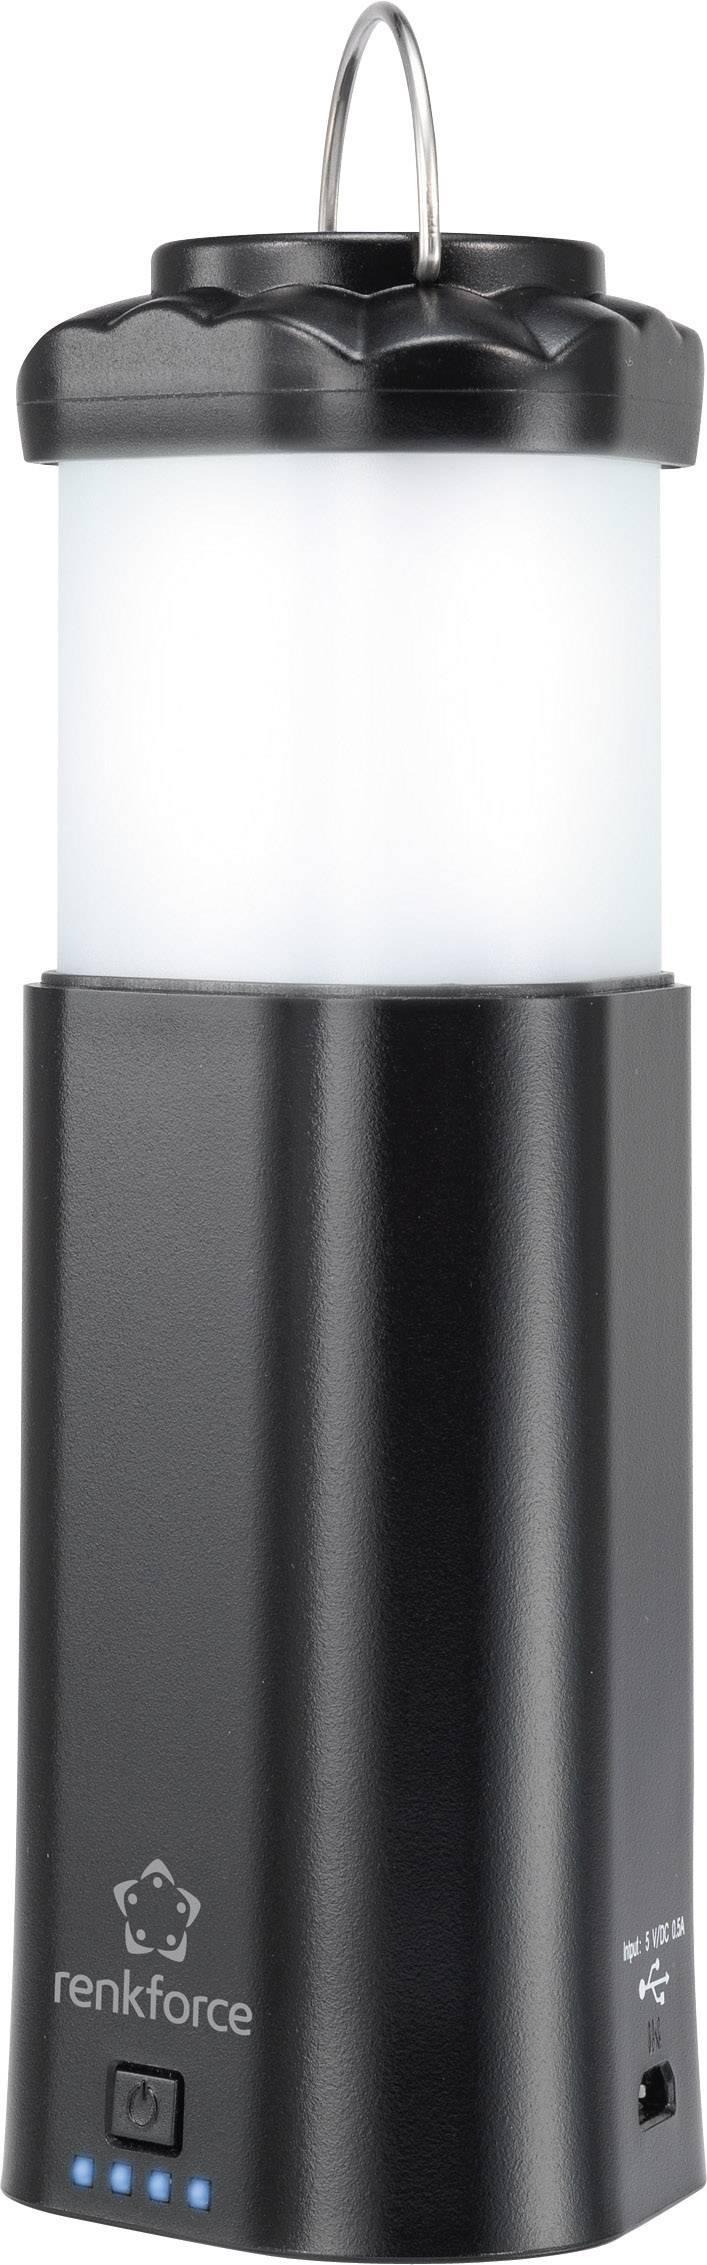 LED campingový lampáš, baterka a Powerbanka - 3 v 1, 4143c2, čierna